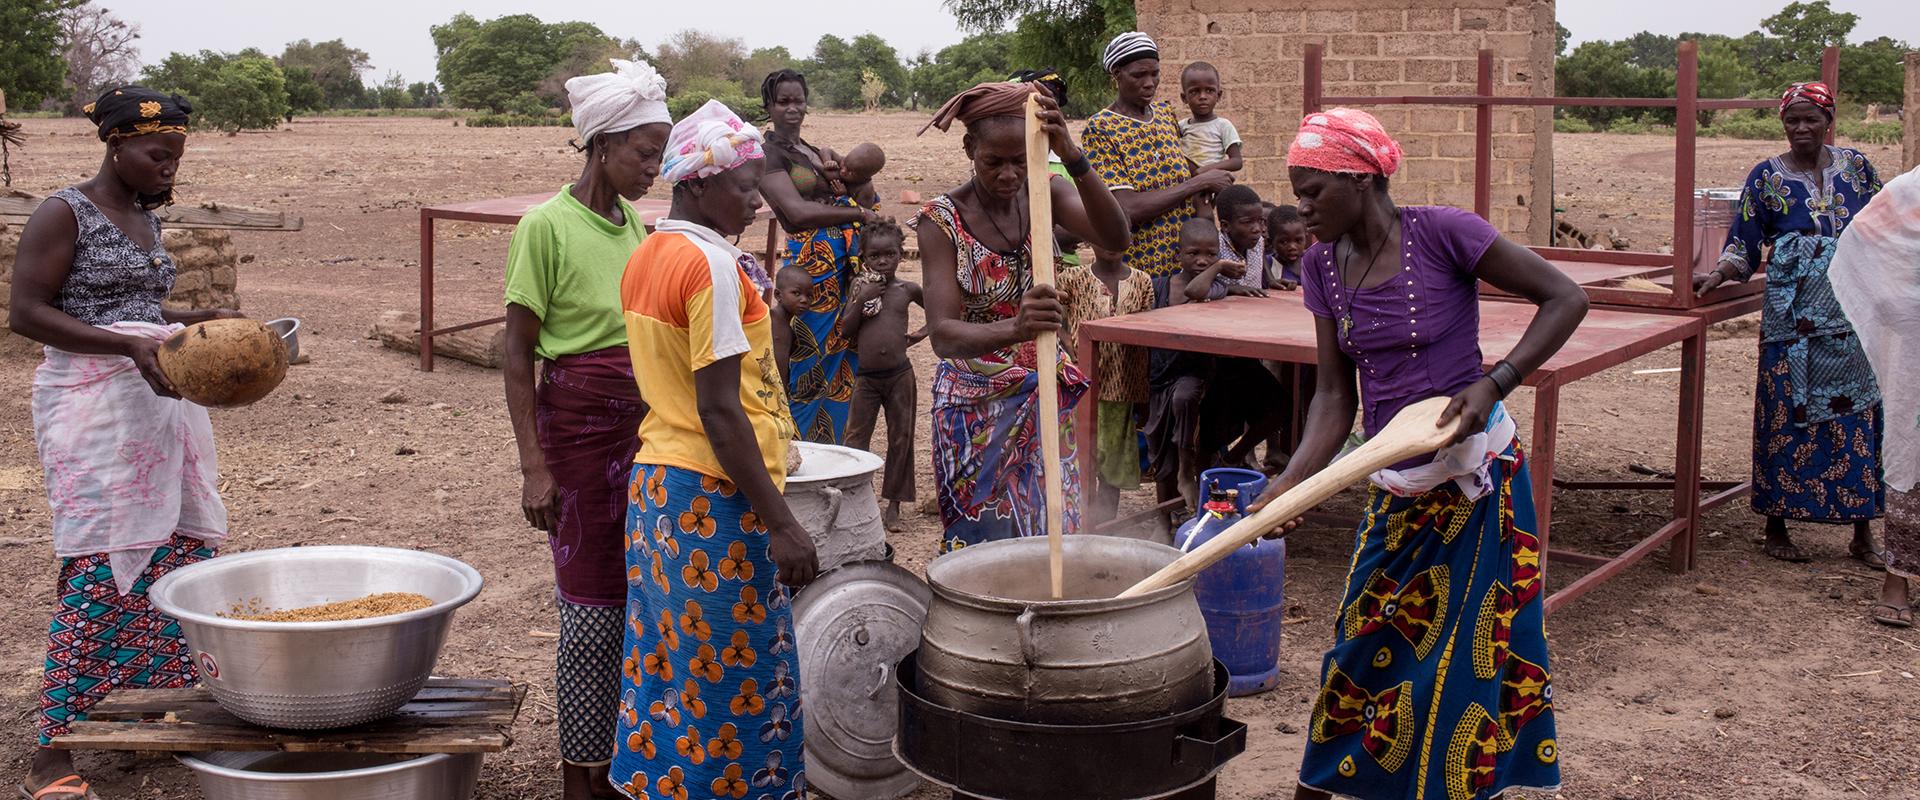 imprese sociali innovative partecipazione migranti Burkina Faso Mani Tese 2018